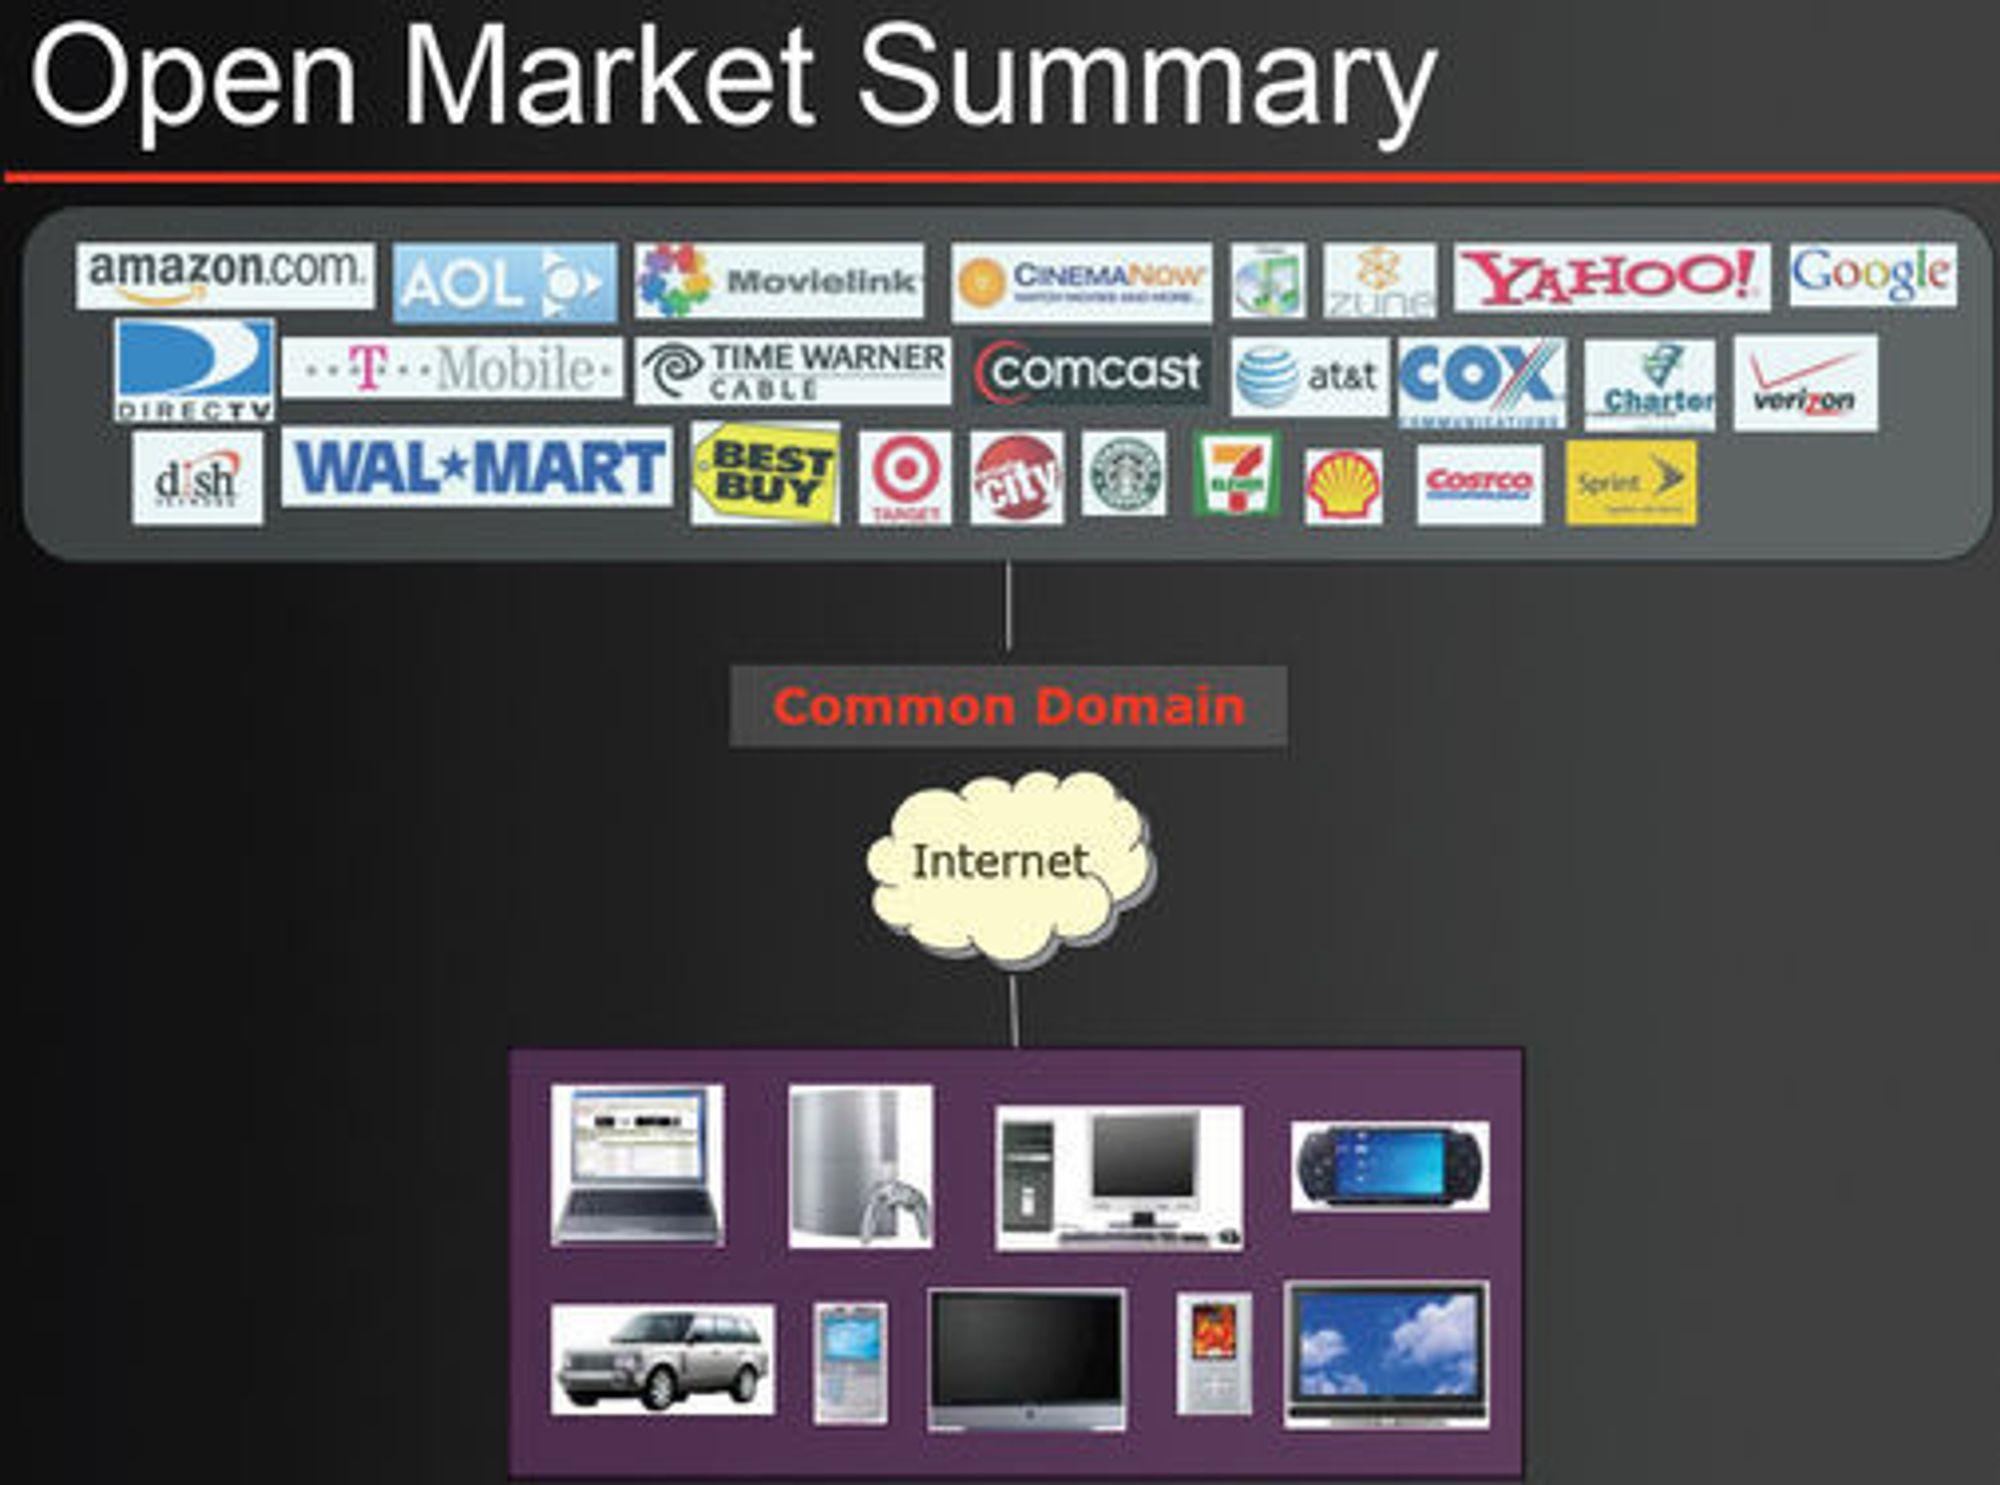 Oversikt over Sonys Open Market-økosystem, som kan være grunnlaget for DECE.